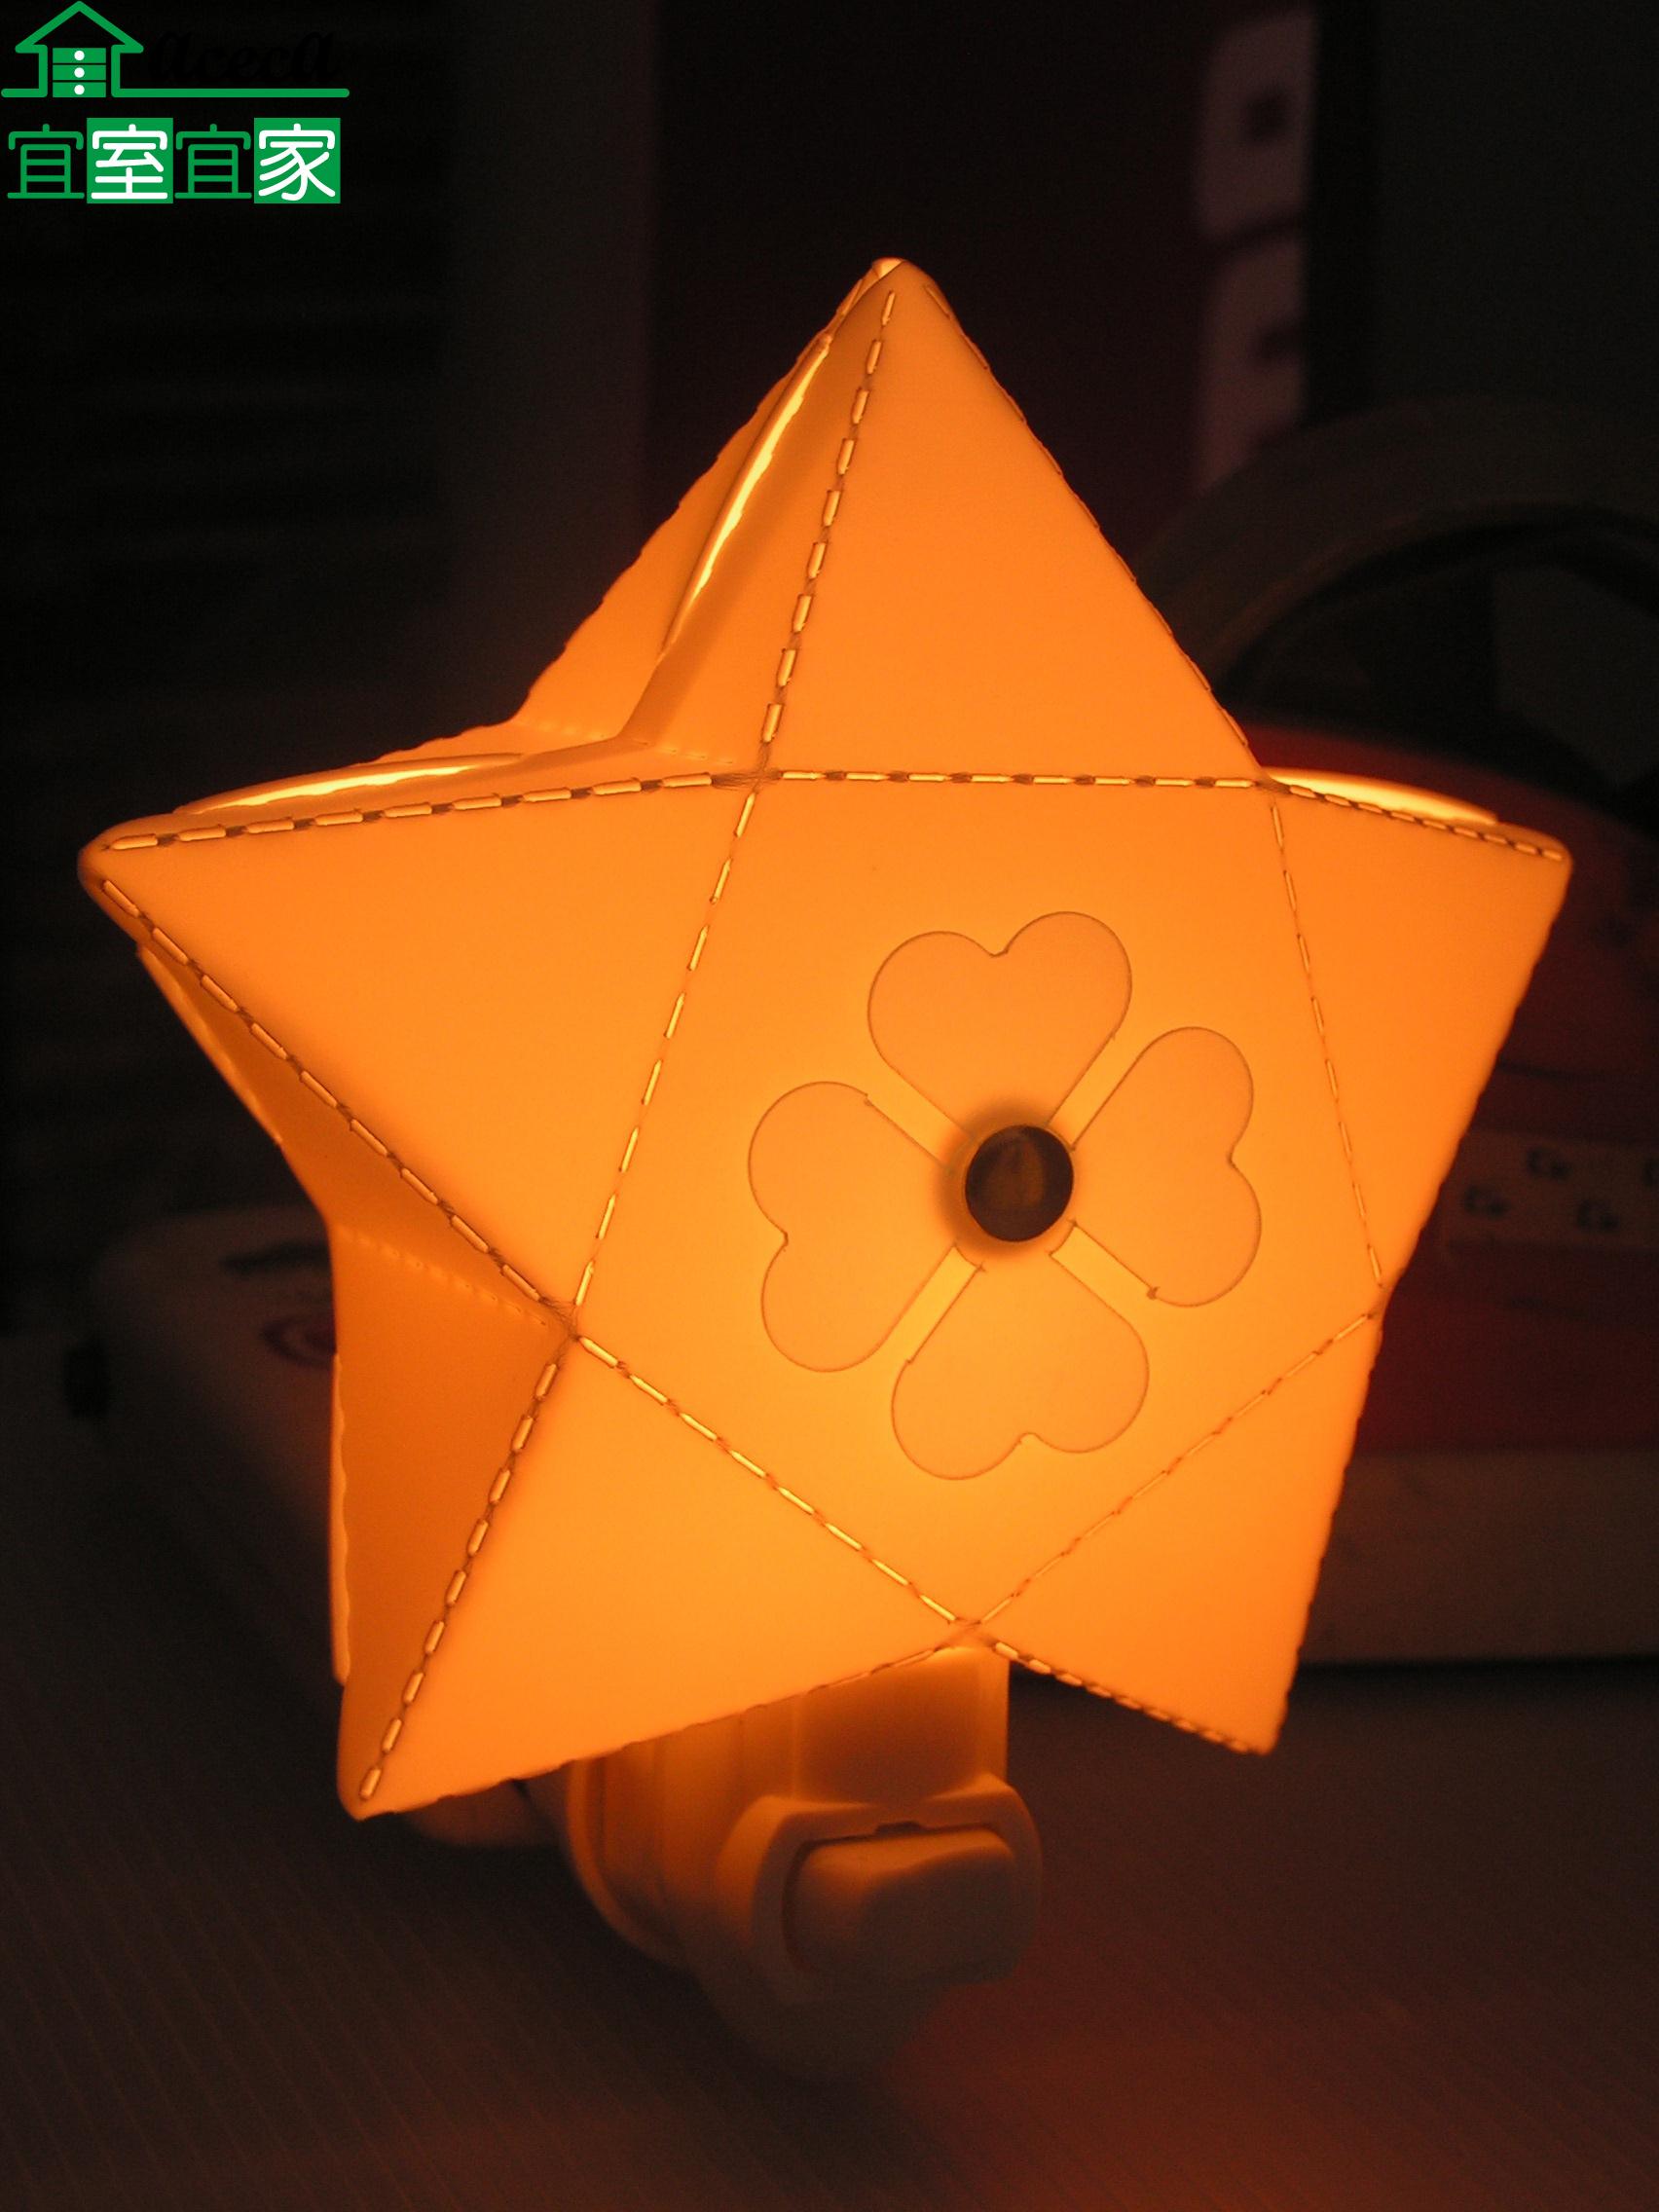 小夜燈 床頭燈 創意 造型 浪漫 夜生活 送禮 MIT 台灣製 星星造型【宜室宜家CYF04R】